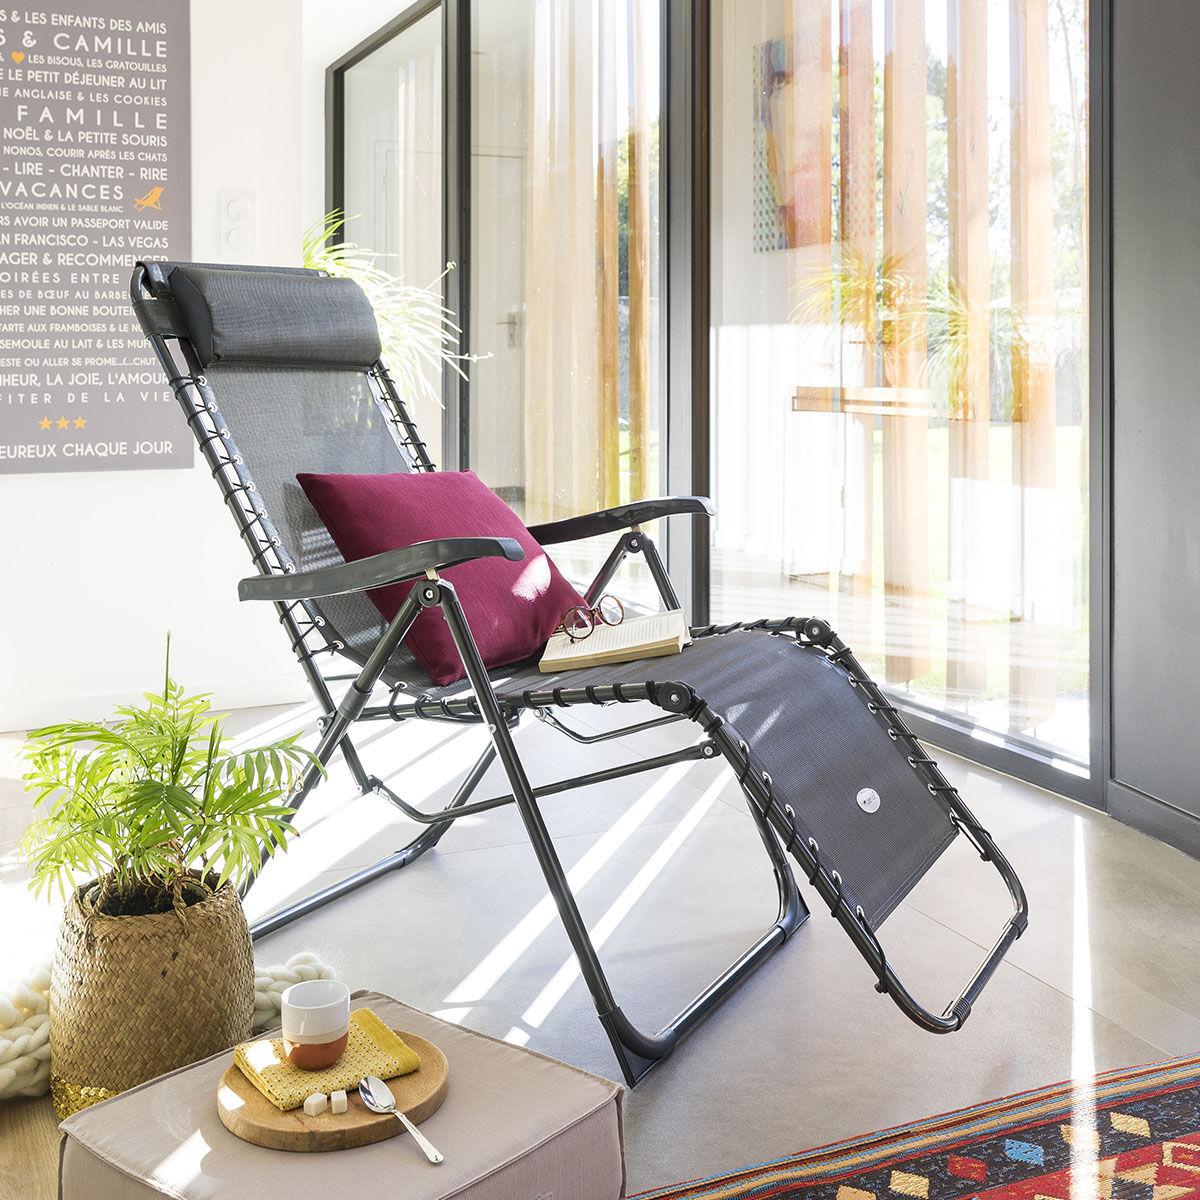 Hespéride Coussin déco d'extérieur Bordeaux Jardin 40 x 40 cm - Polyester